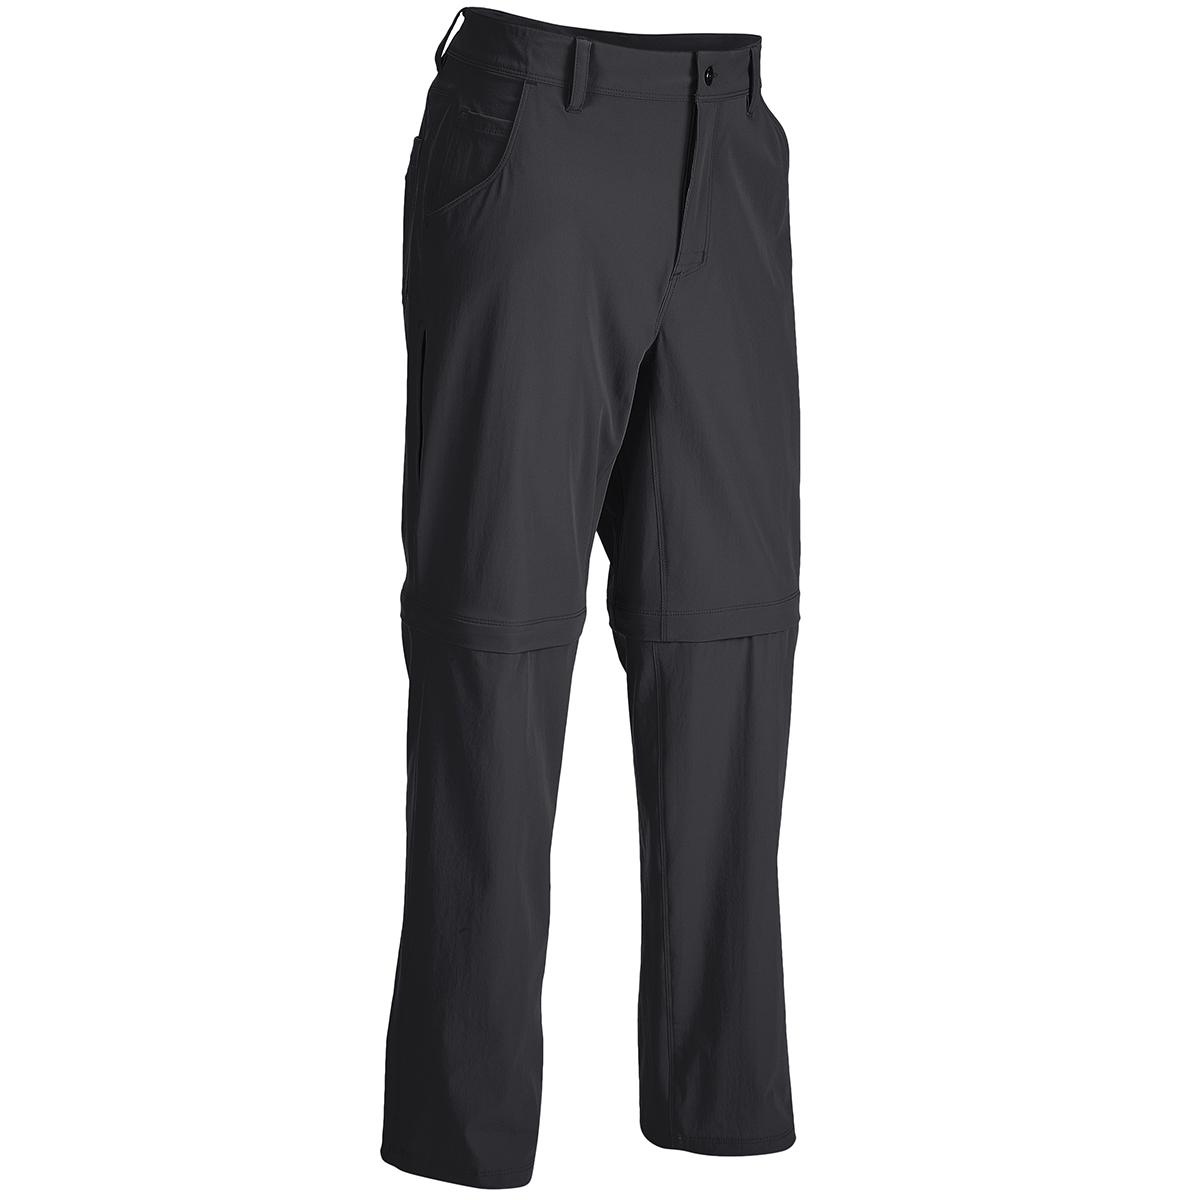 Ems Men's Compass 4-Point Zip-Off Pant - Black, 37